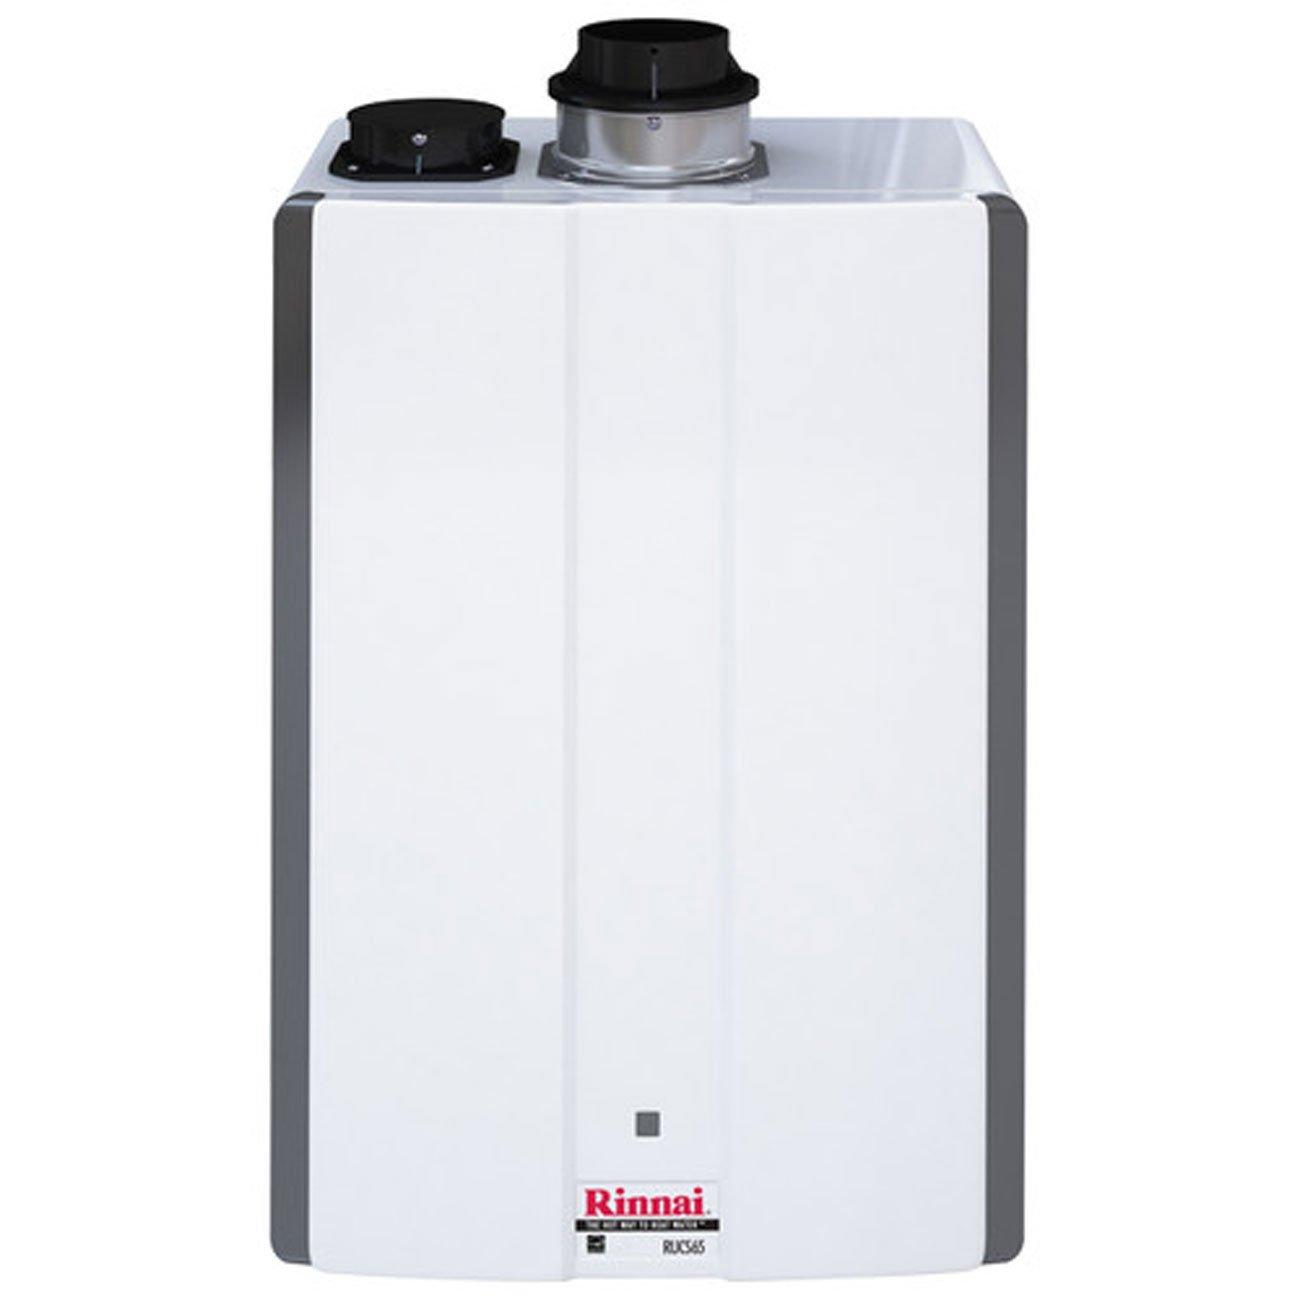 Rinnai RUCS Series SE Tankless Hot Water...